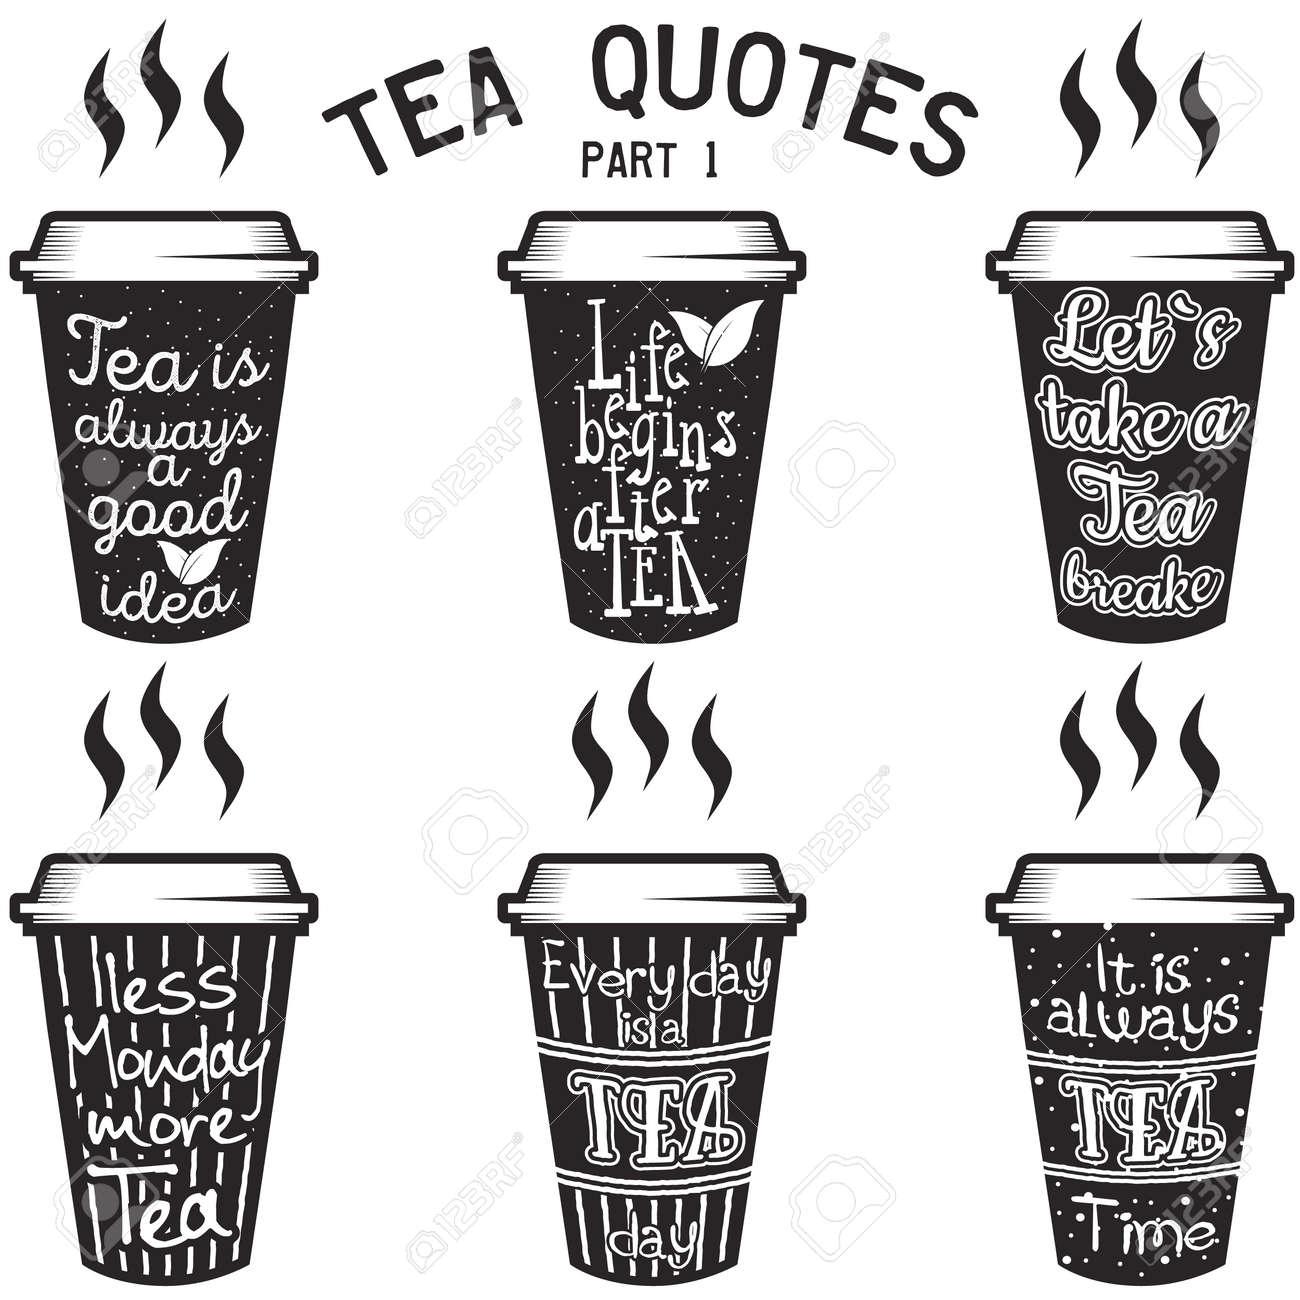 Vektor Tee Zitate Und Sprüche Typografie Gesetzt Lizenzfrei